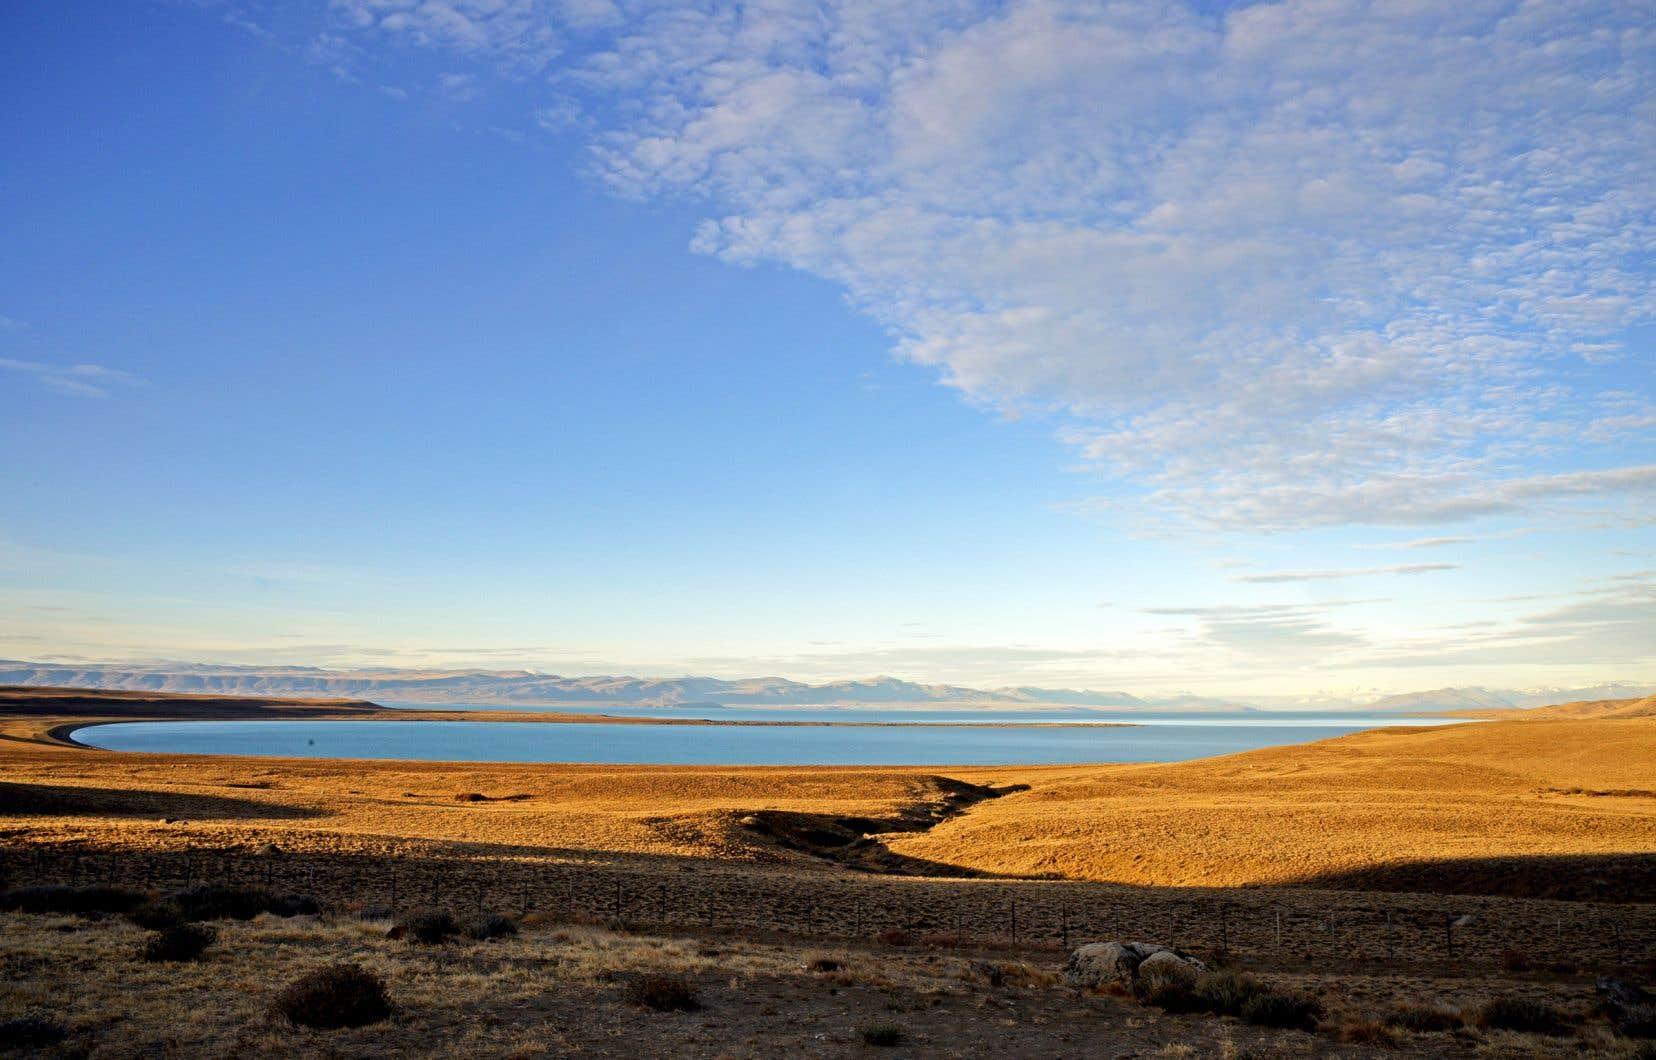 Les espaces immenses et presque déserts de la Patagonie, où semble souffler en permanence un vent à rendre fou…